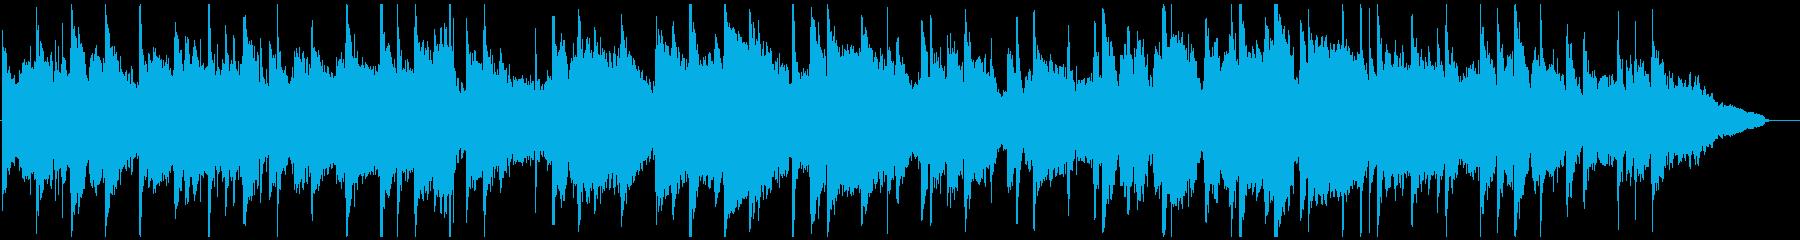 プラネタリウムのような幻想的ヒーリング曲の再生済みの波形